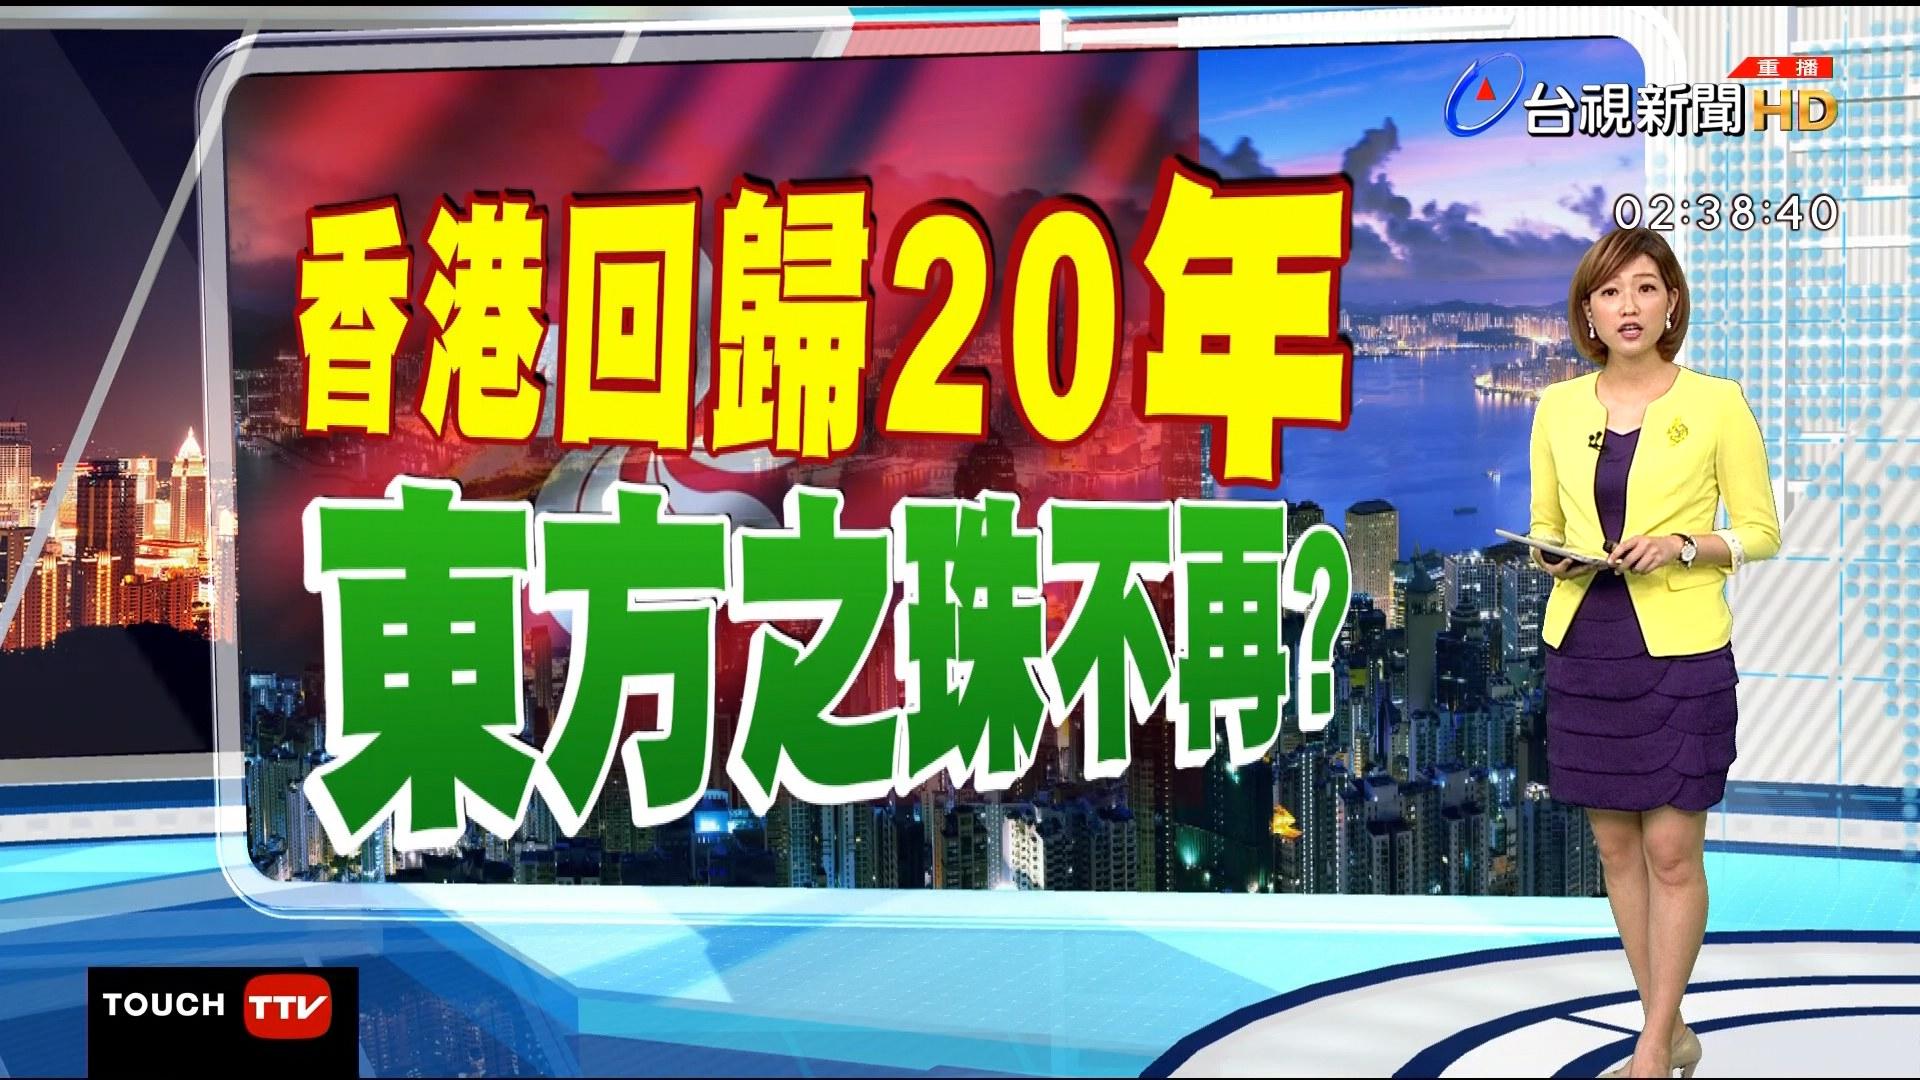 原來生活是這樣: 2017.06.28 臺視主播 鄔凱雯 P5